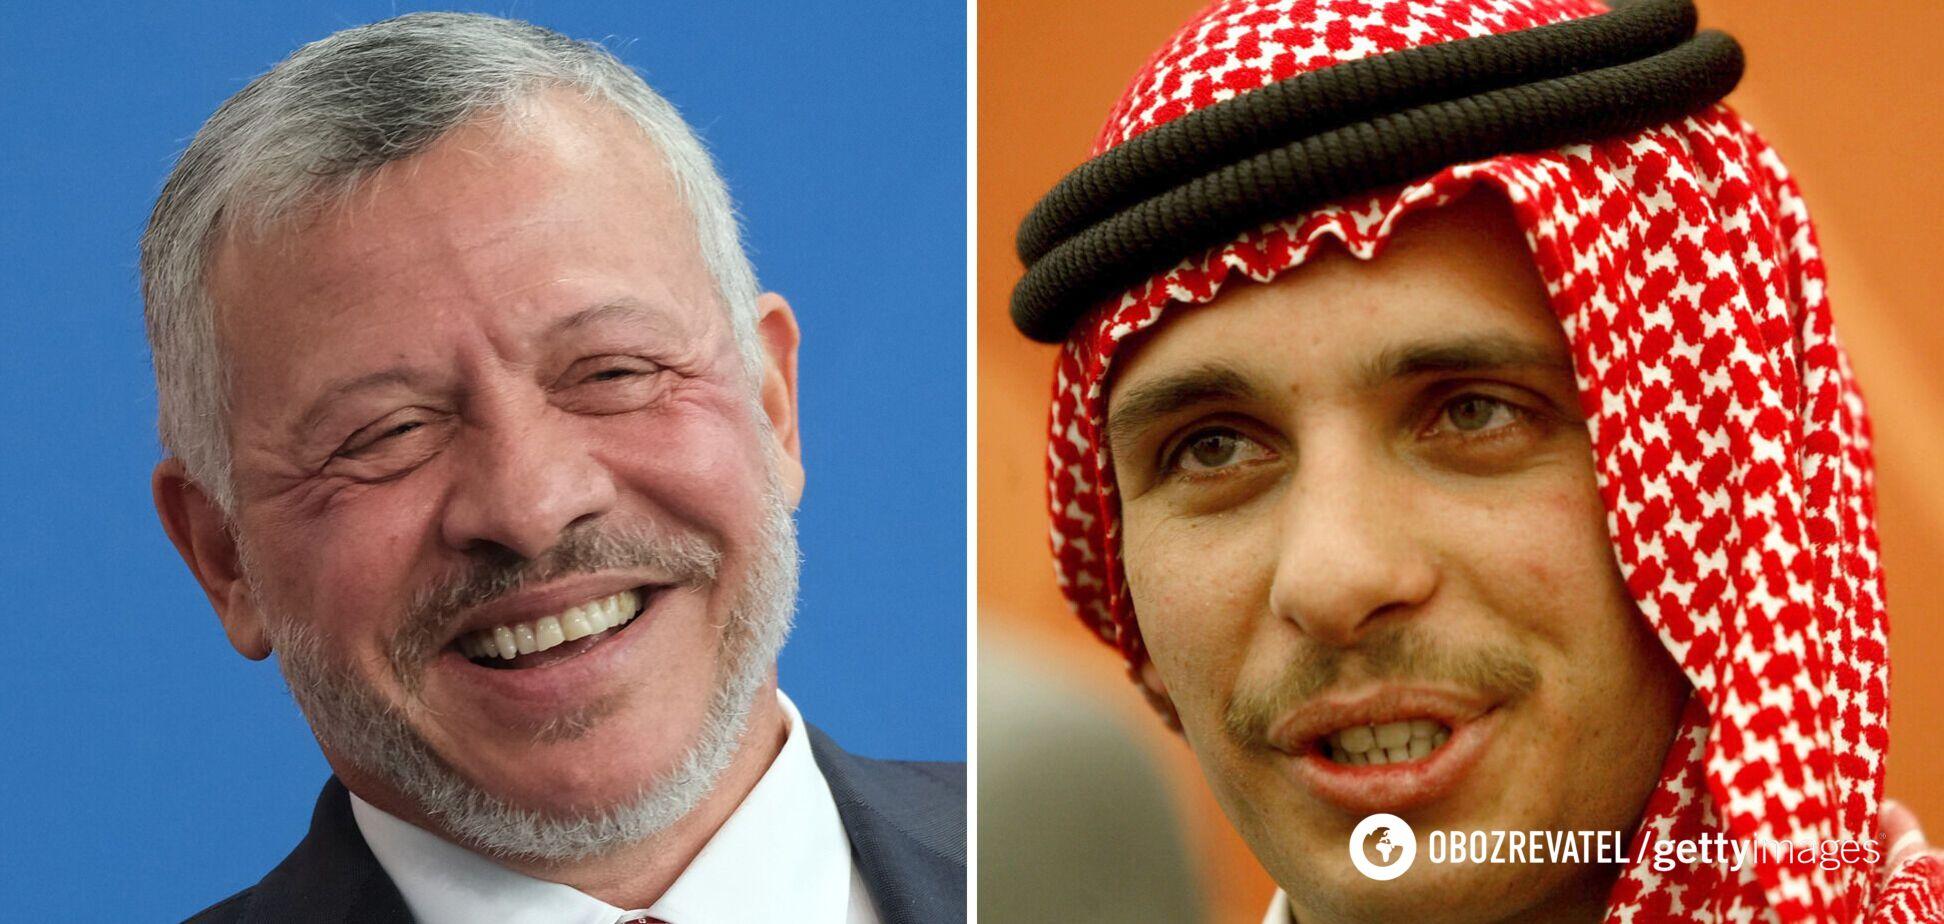 Король Иордании Абдалла II / бывший наследный принц Иордании Хамза бен Хусейн